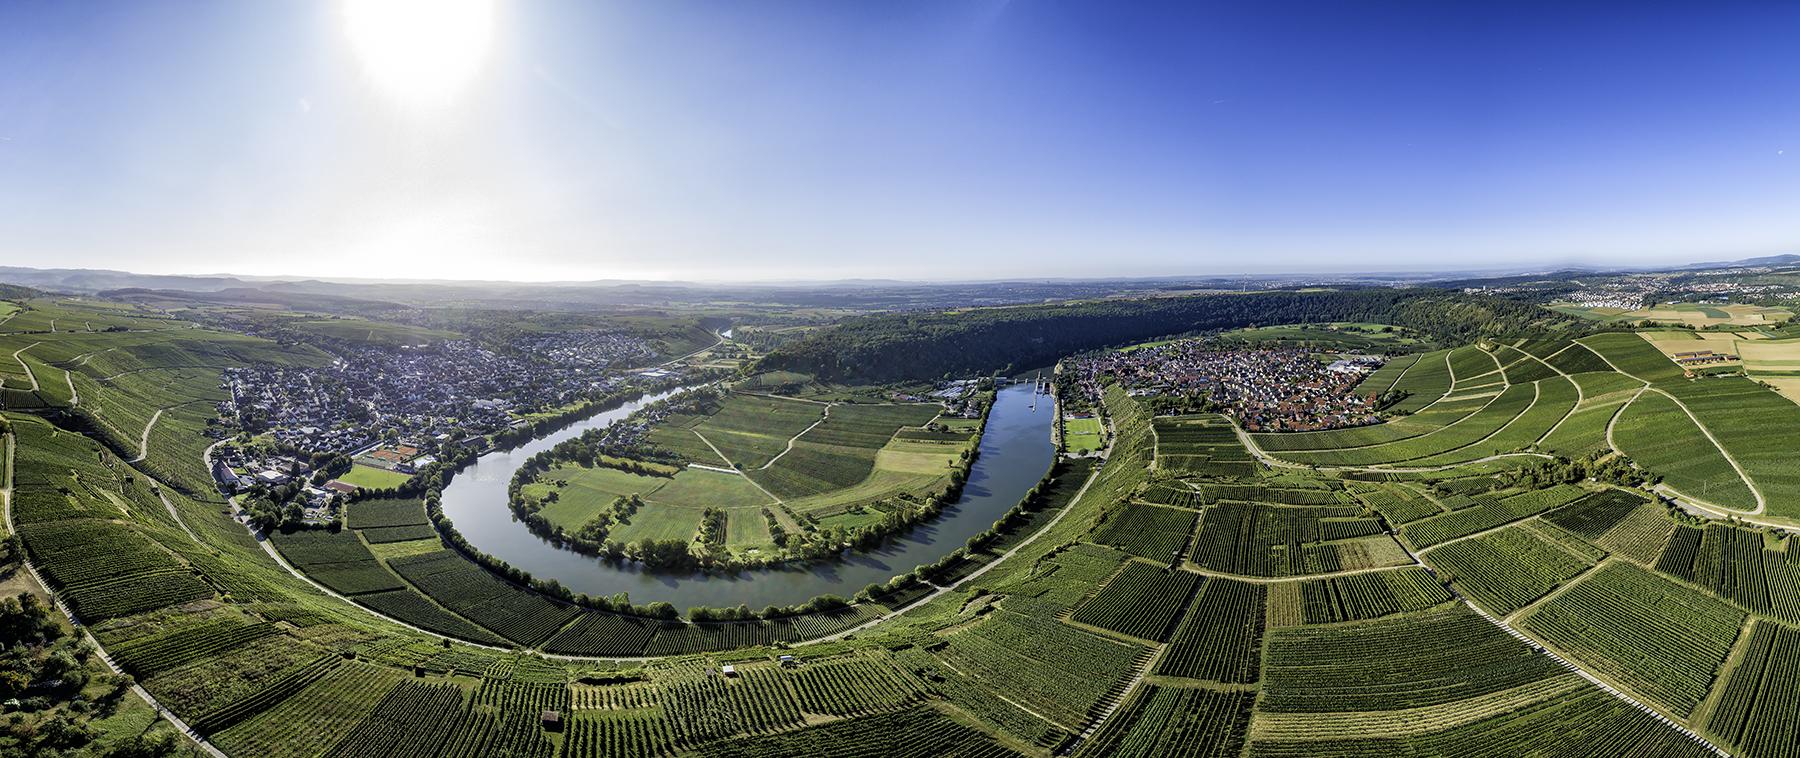 Mundelsheimer Neckarschleife